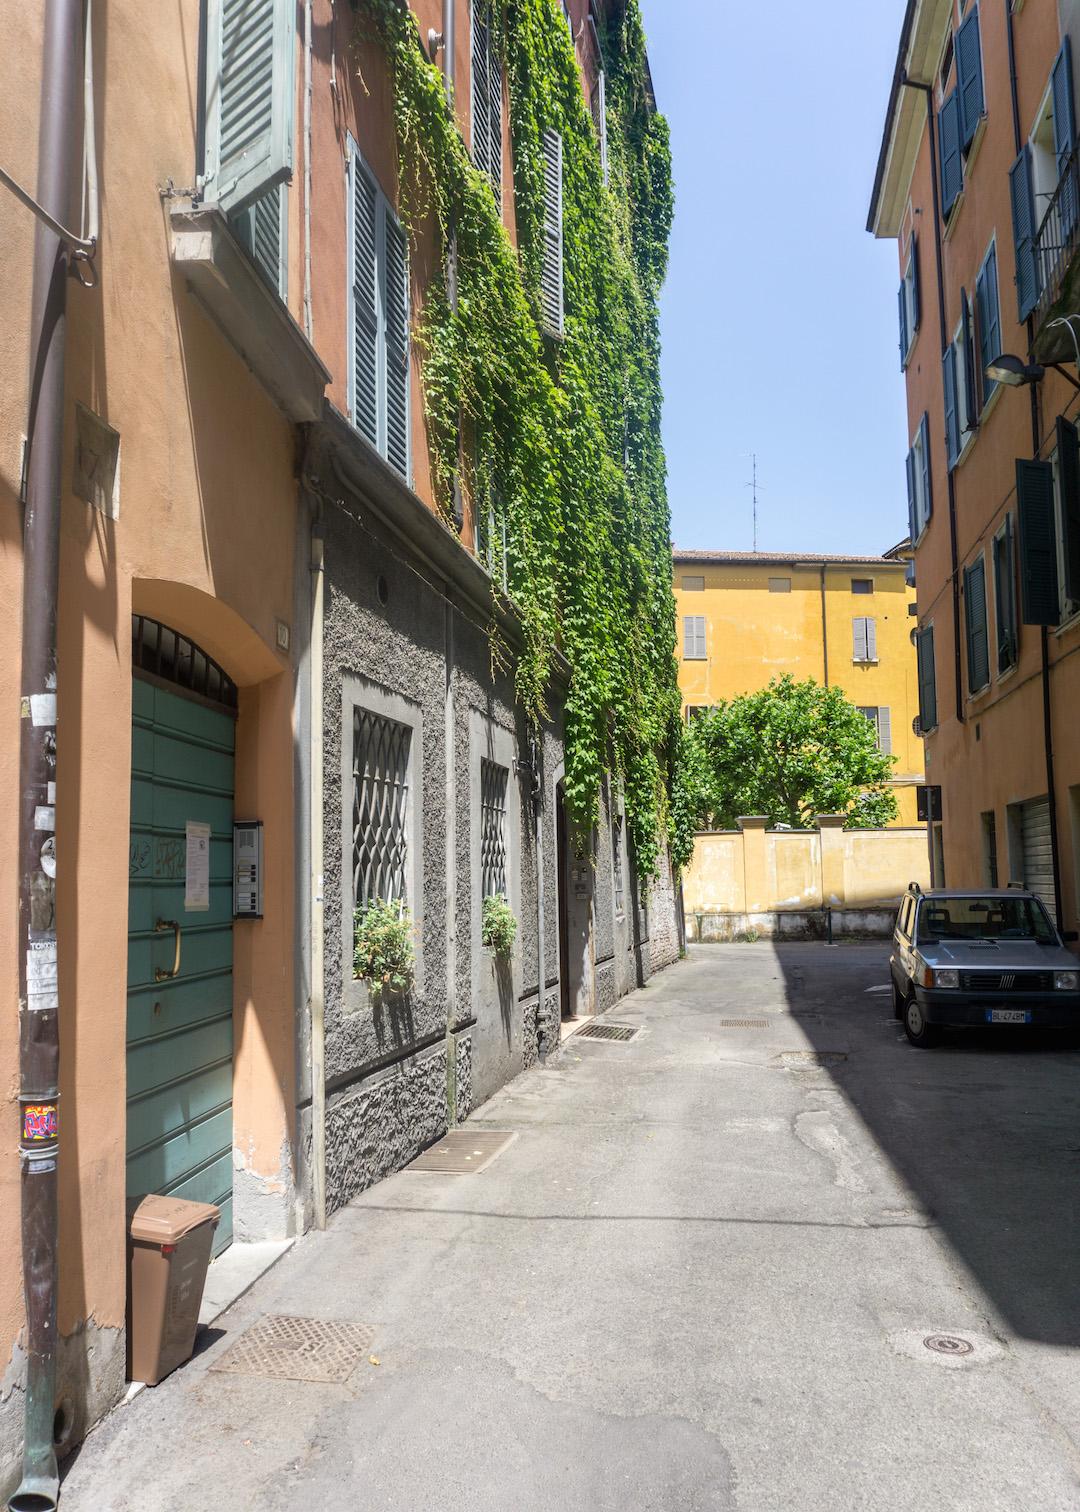 Her_Travel_Edit_Reggio_Emilia_Streets